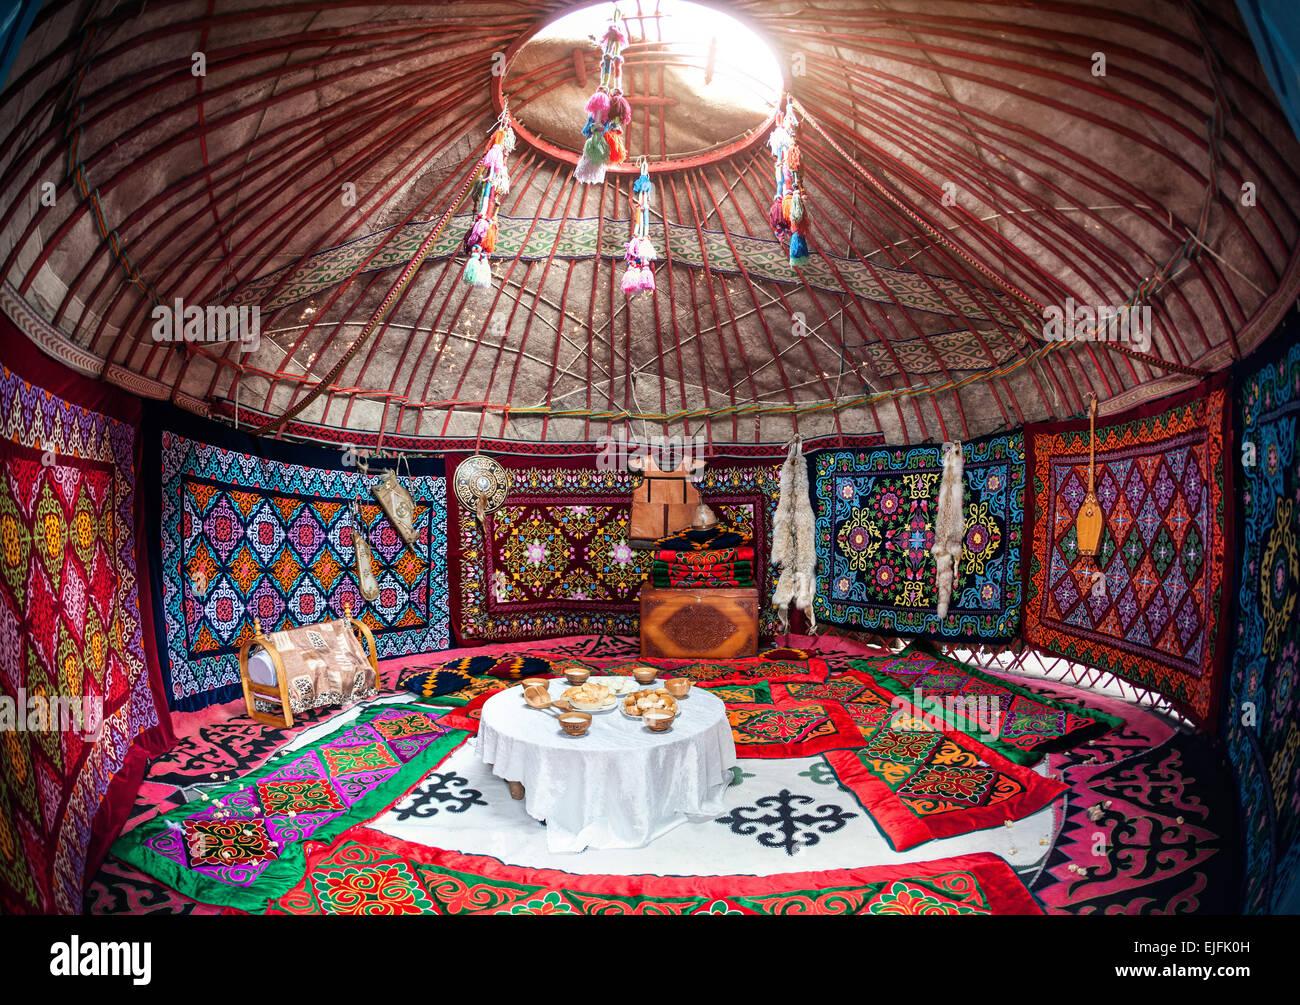 Ethnic nomadischen Haus Jurte Interieur mit Inhaltsverzeichnis Nationalgericht bei Nauryz Feier Stockbild